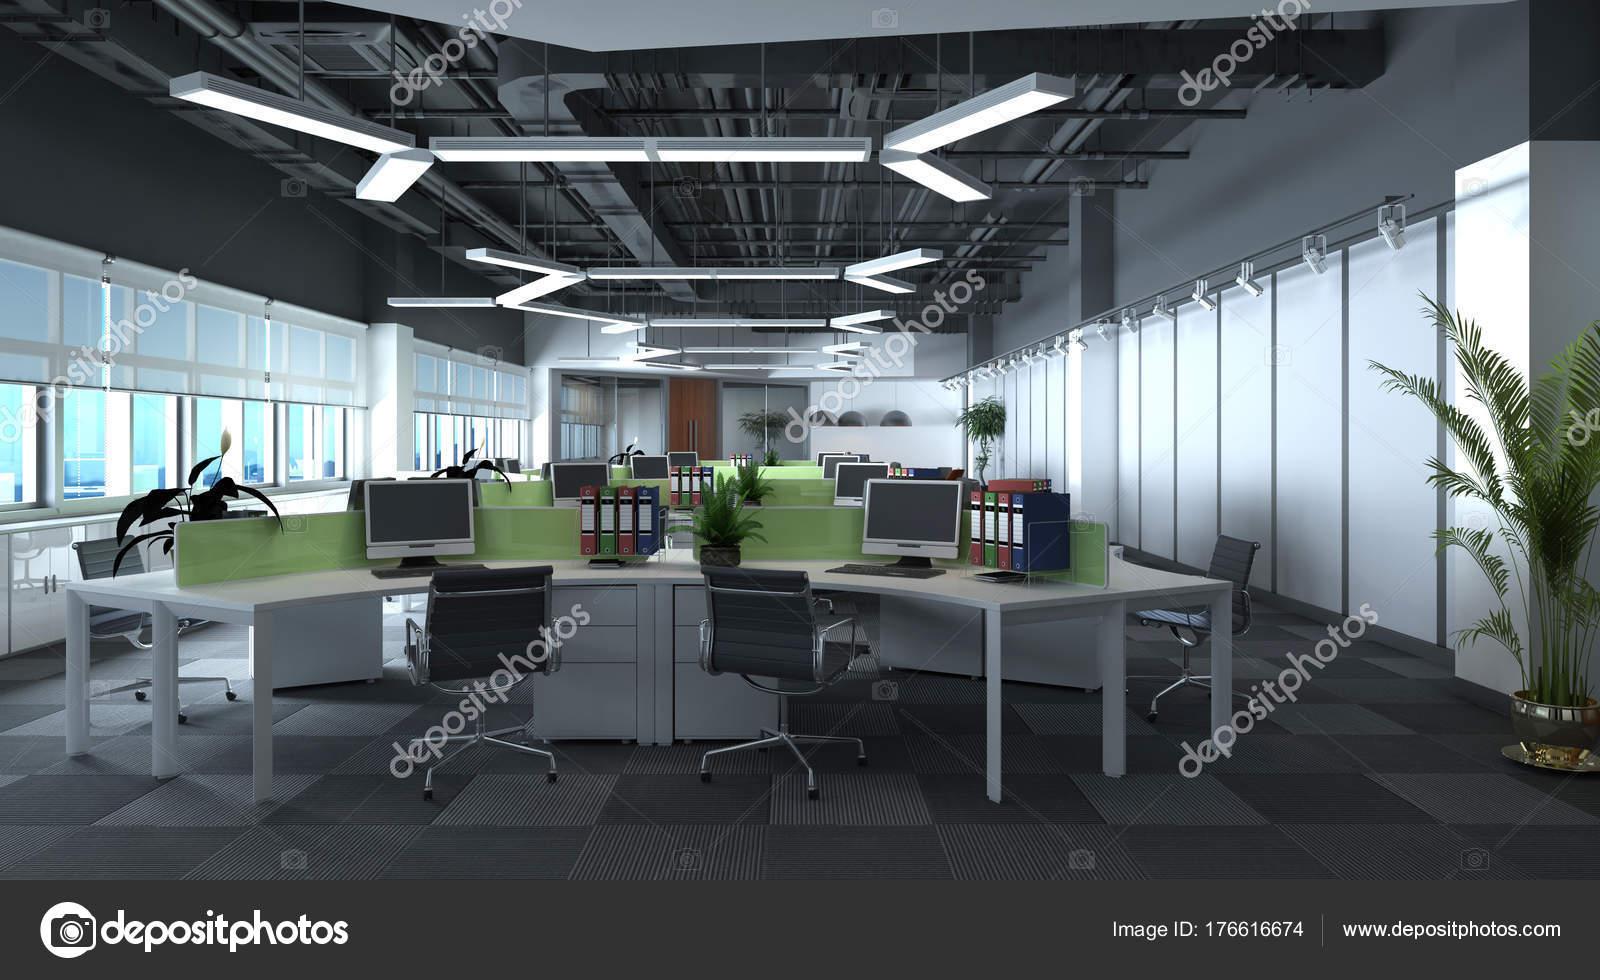 Diseño interior oficinas modernas | Ilustración 3D el diseño ...